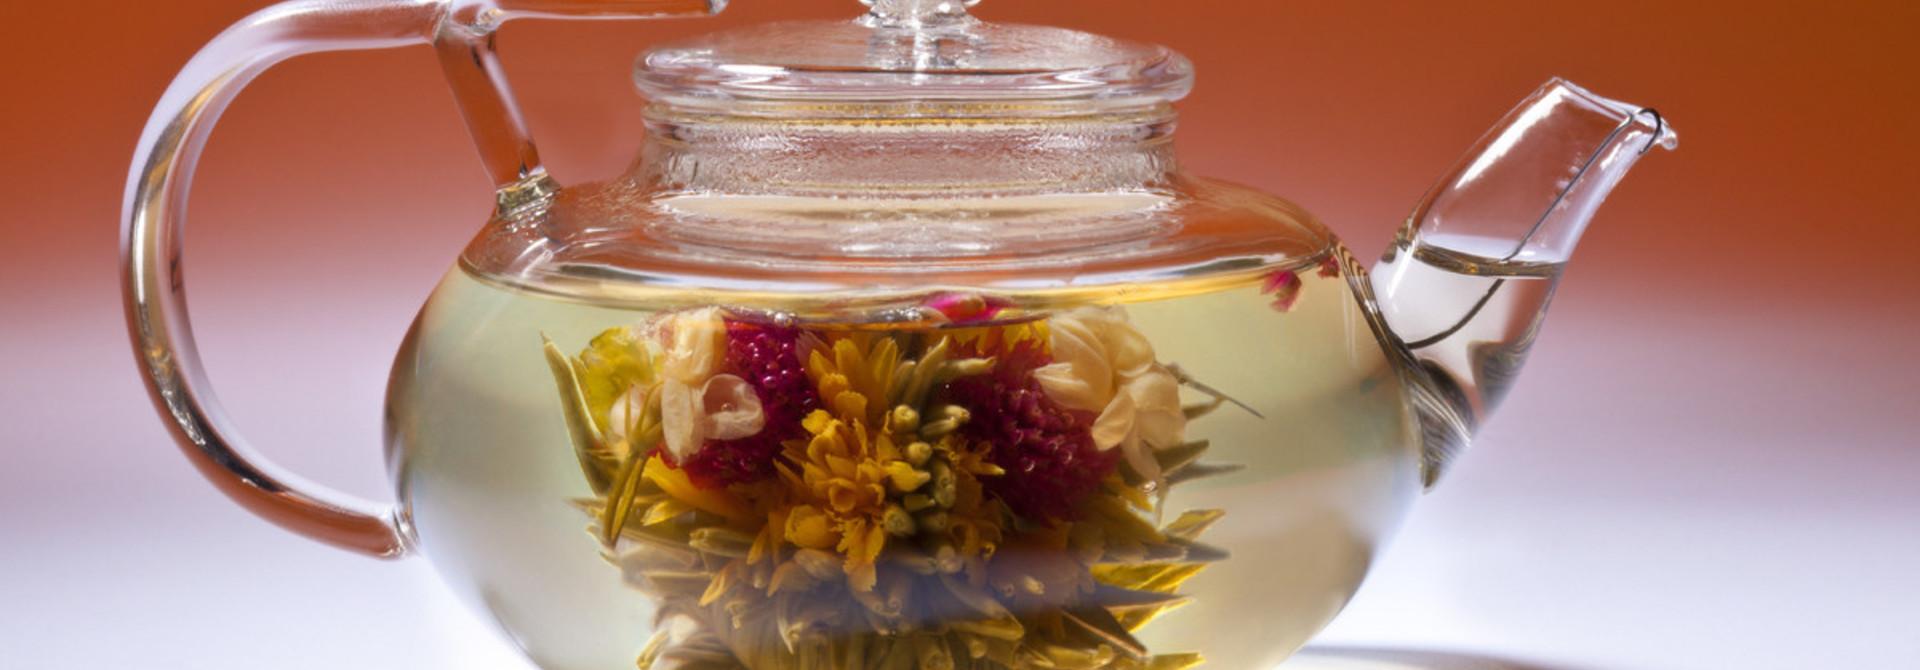 Teeblumen und Teekanne